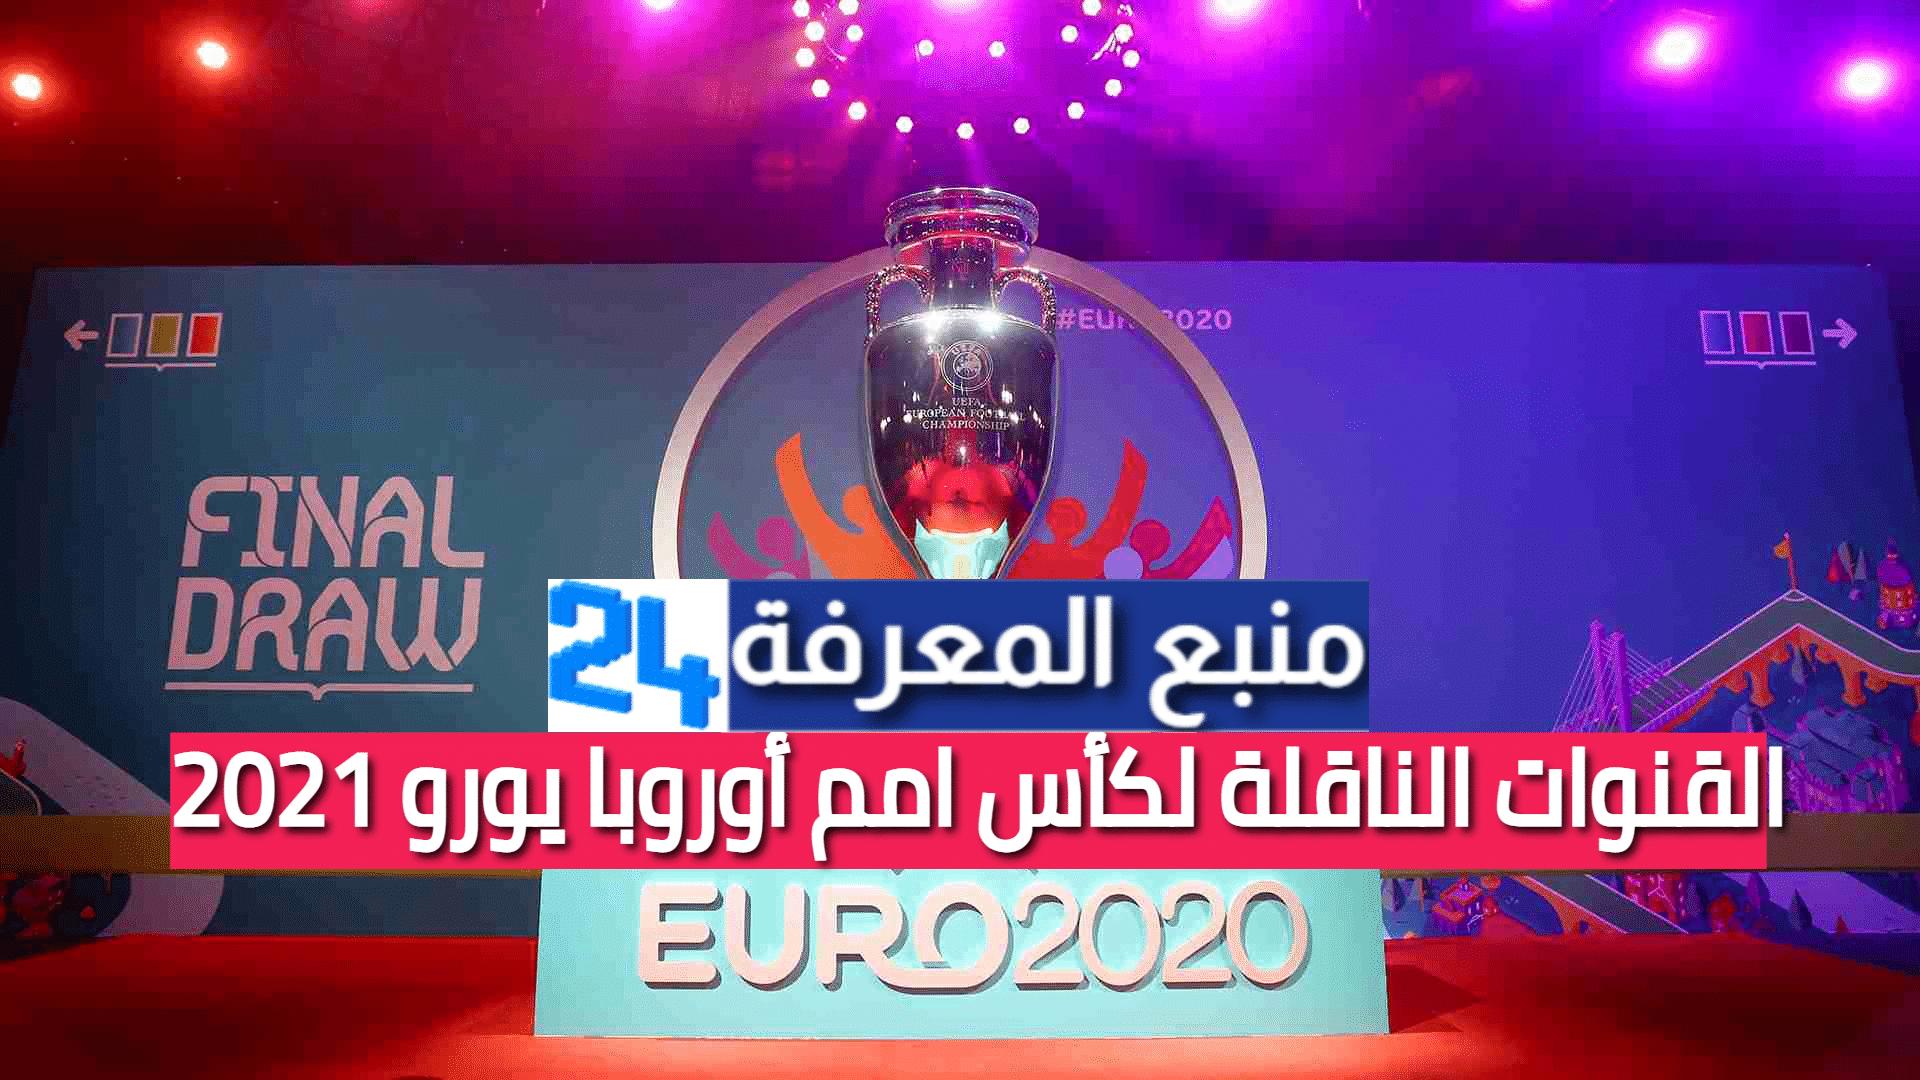 القنوات الناقلة لكأس امم أوروبا يورو 2021 Euro مجانا بدون اشتراك | منبع  المعرفة - LeSite24